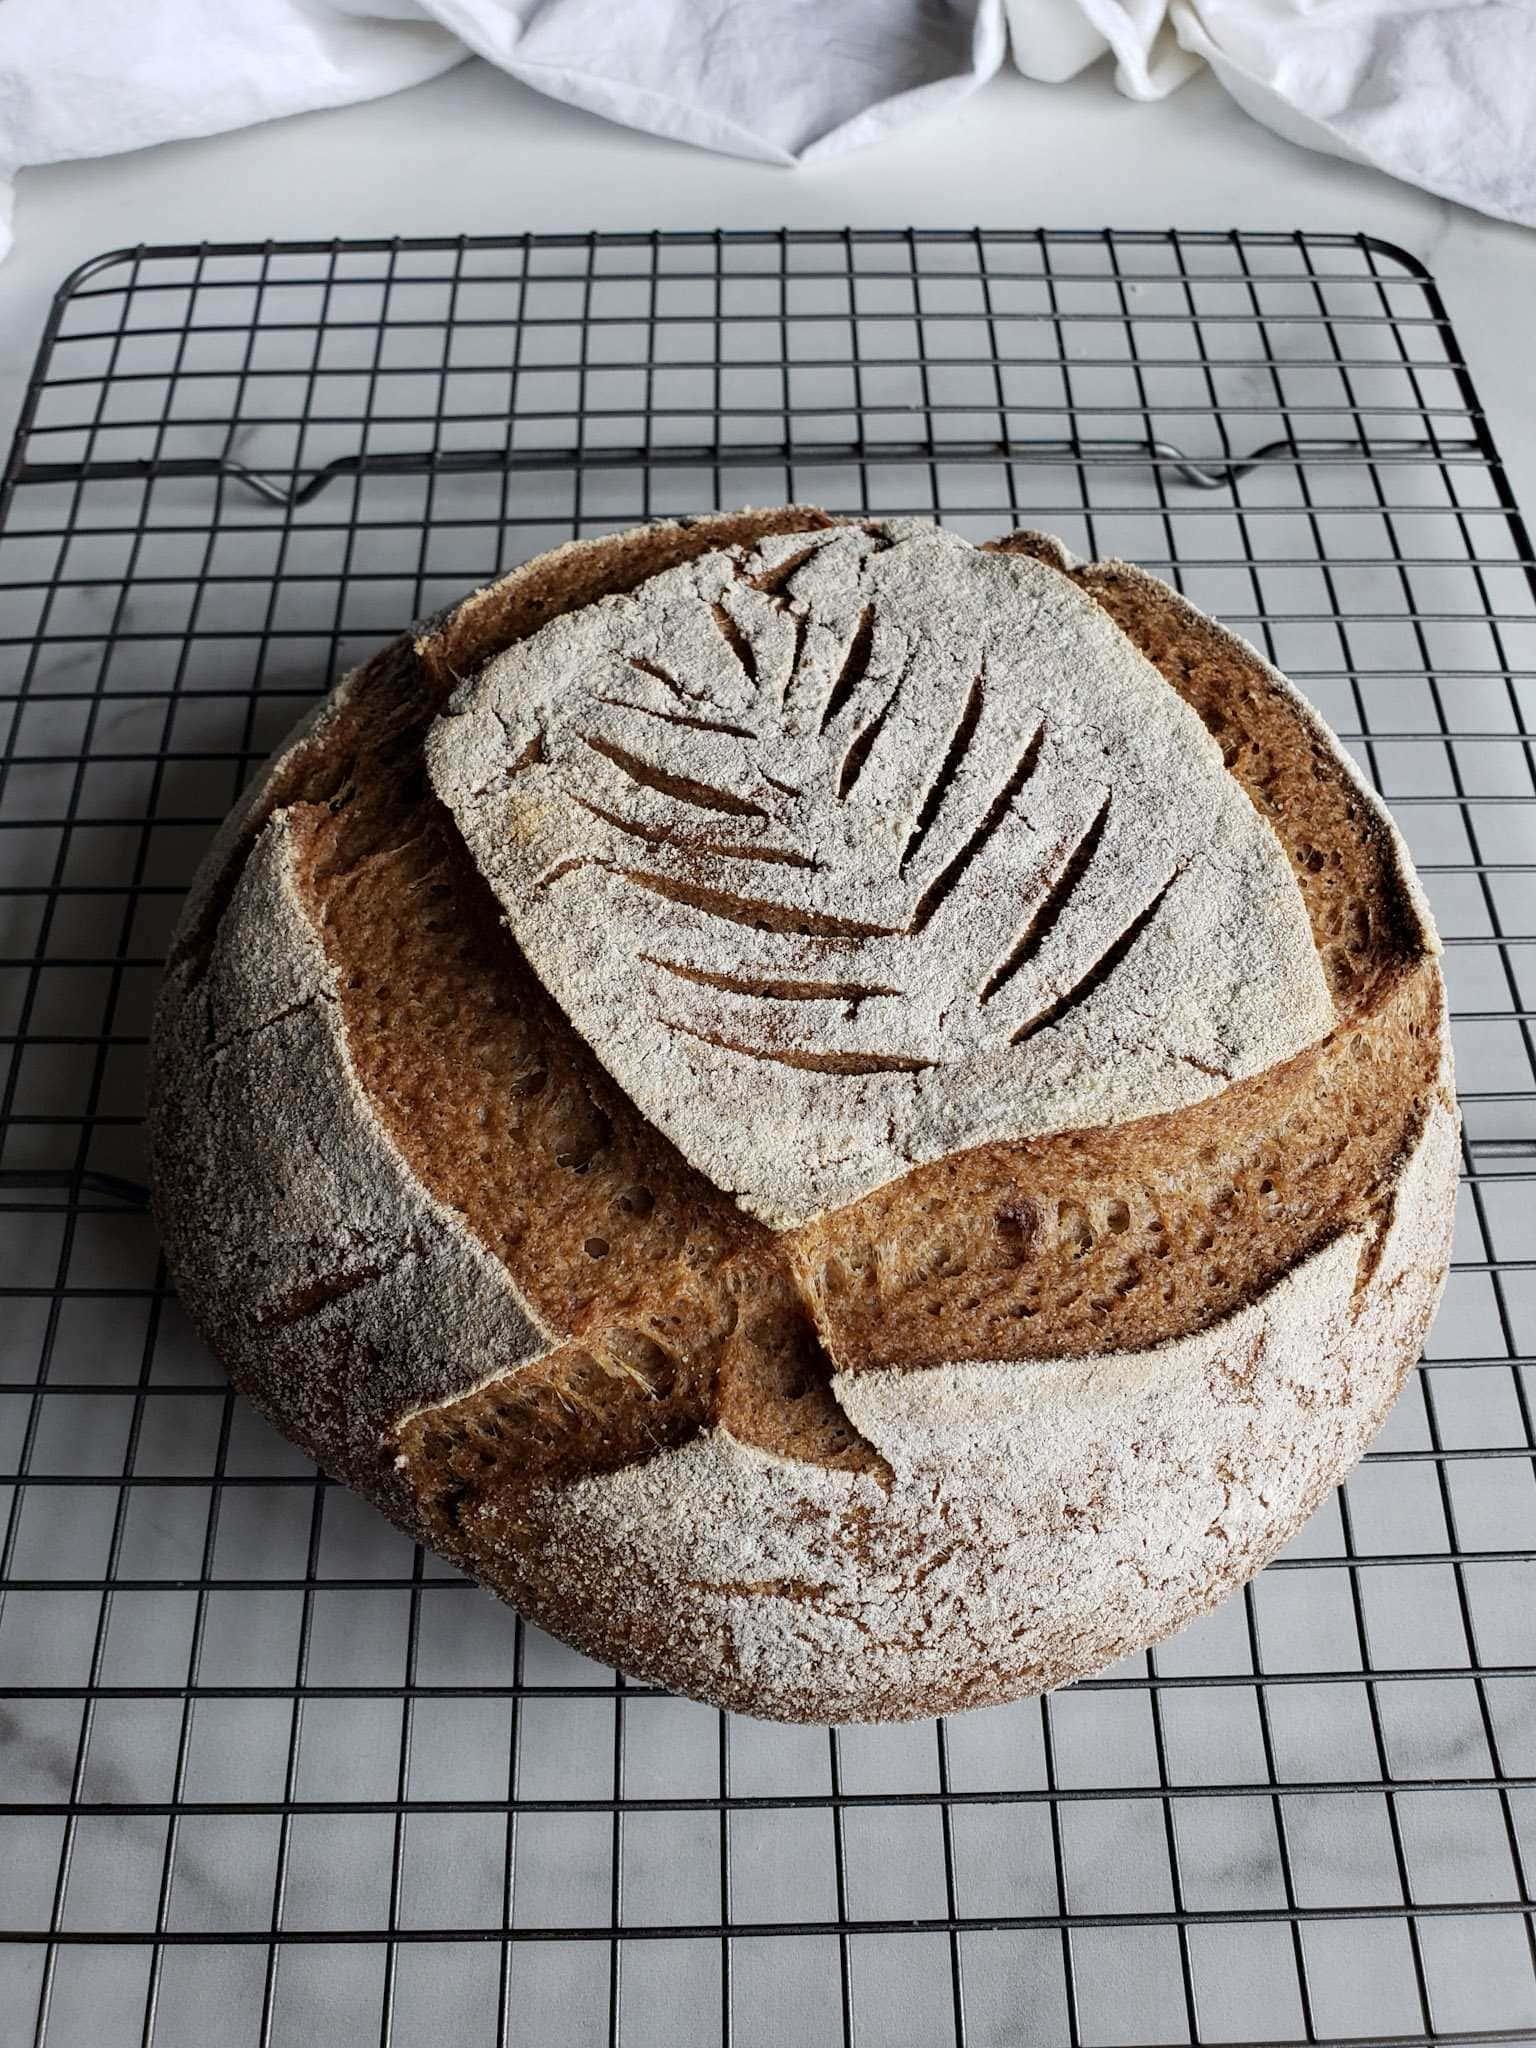 Gluten Free Sourdough Bread Recipe Boule Loaf Homestead And Chill